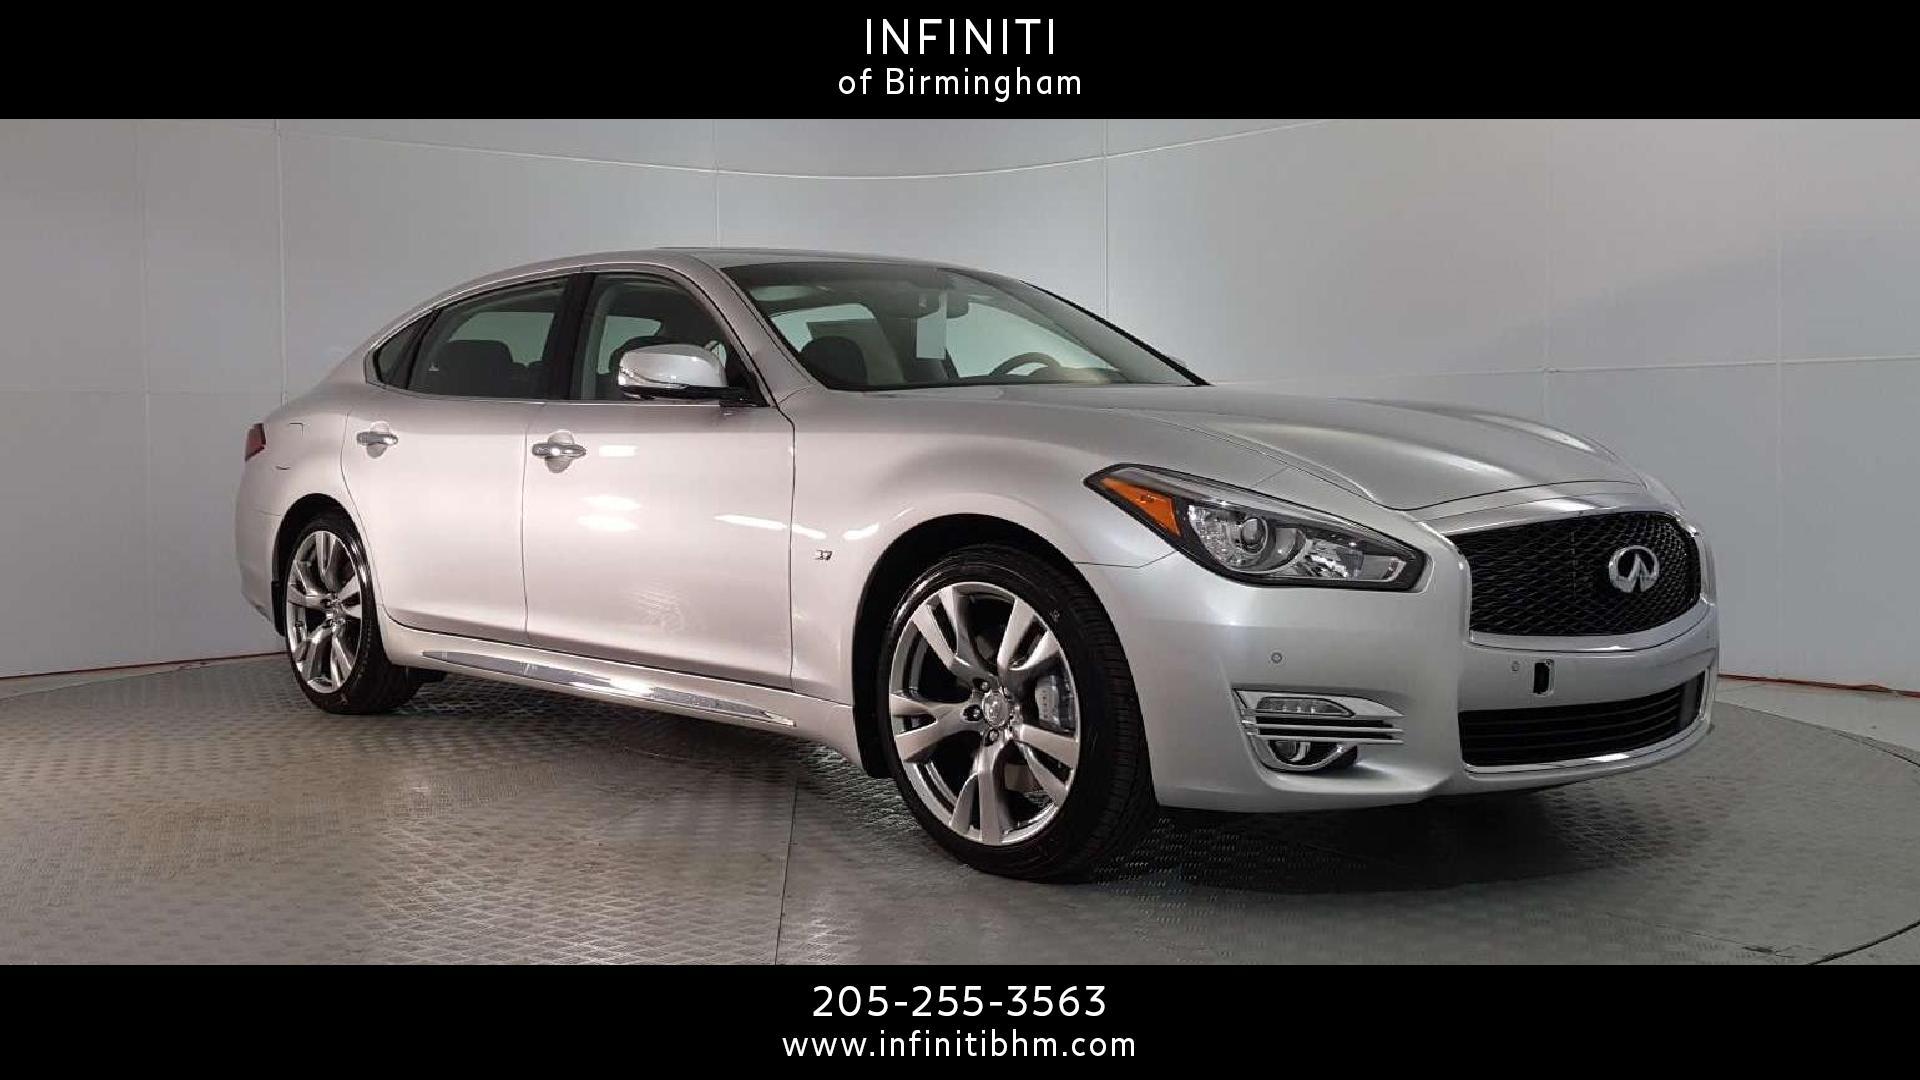 infinity gear long wheelbase patrol sedan review premium infiniti